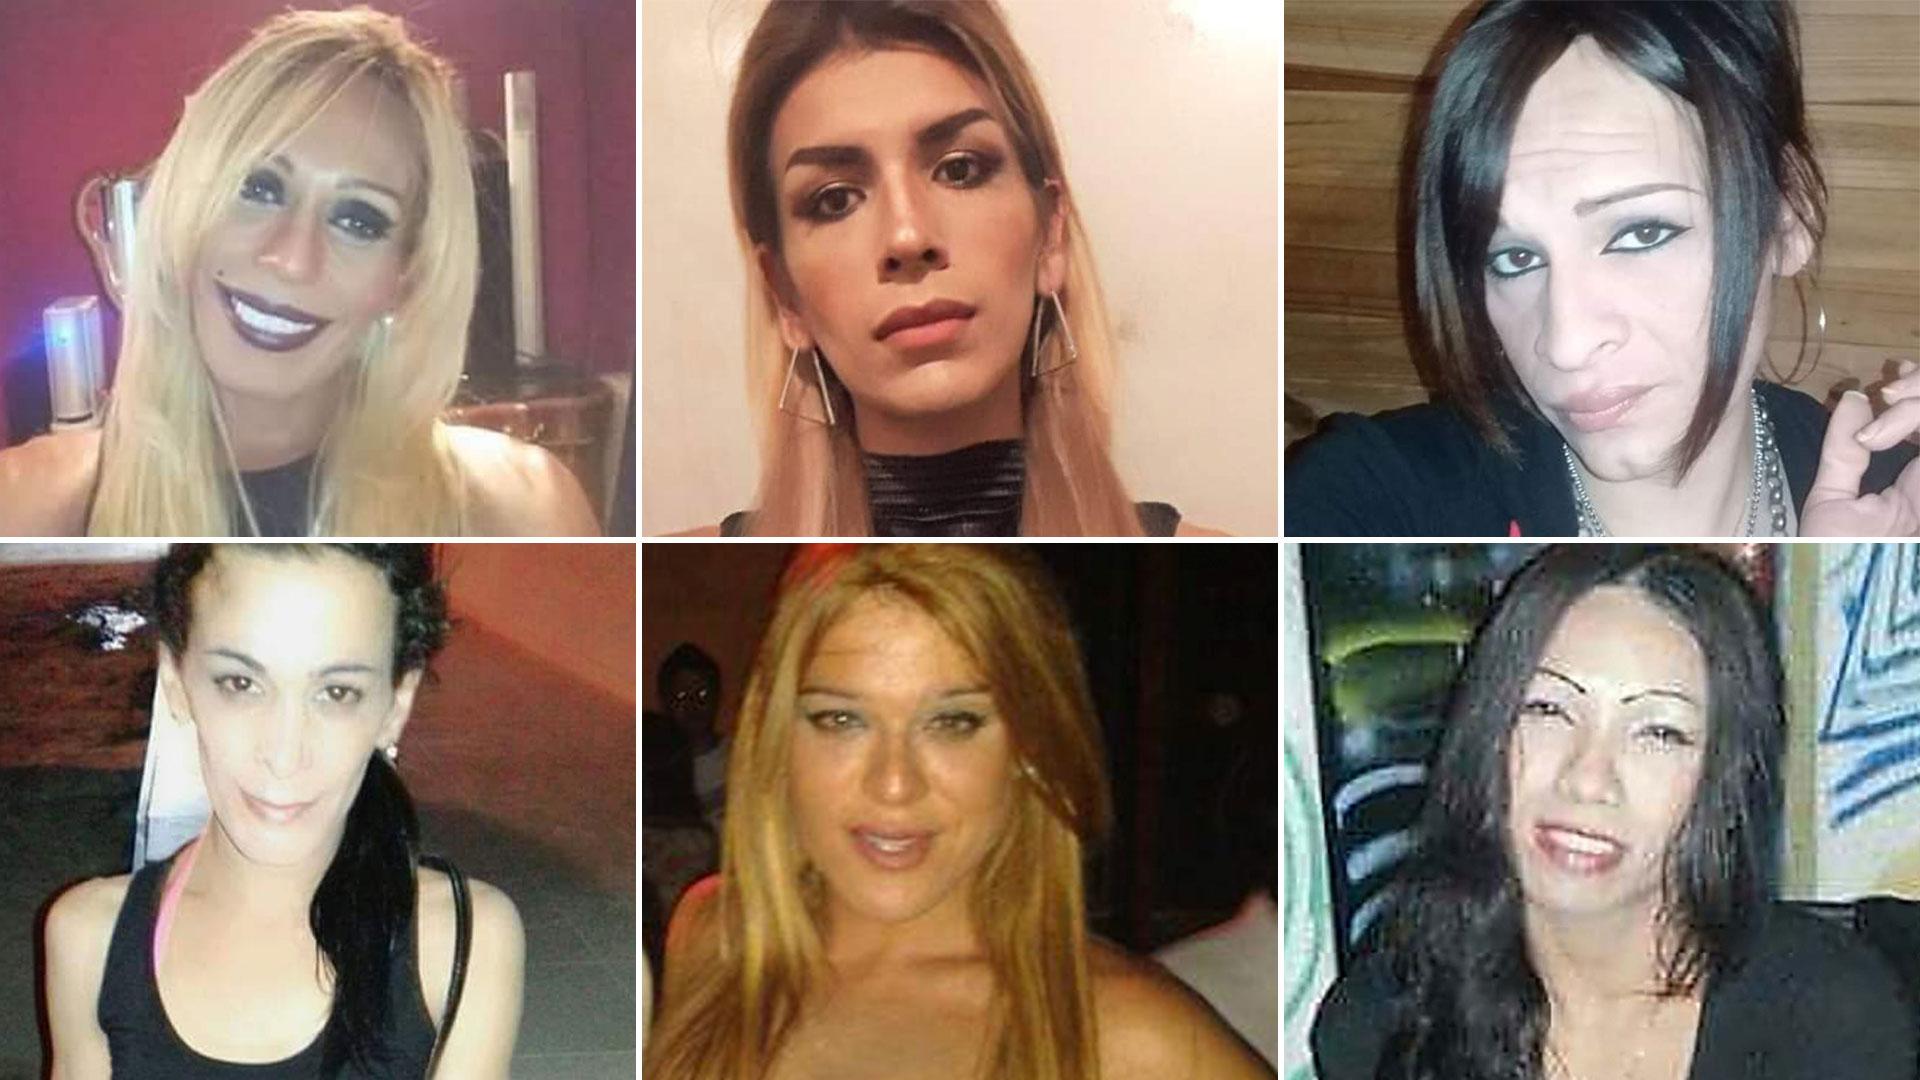 Erica Camila Prizu (Salta), Guti de Libertador San Martín (Jujuy), Marisol Espíndola (Corrientes), Mirna Antonella Di Marzo (Salta), Mariana Carolina Muñoz (Mendoza), Laly Rufino (Buenos Aires)